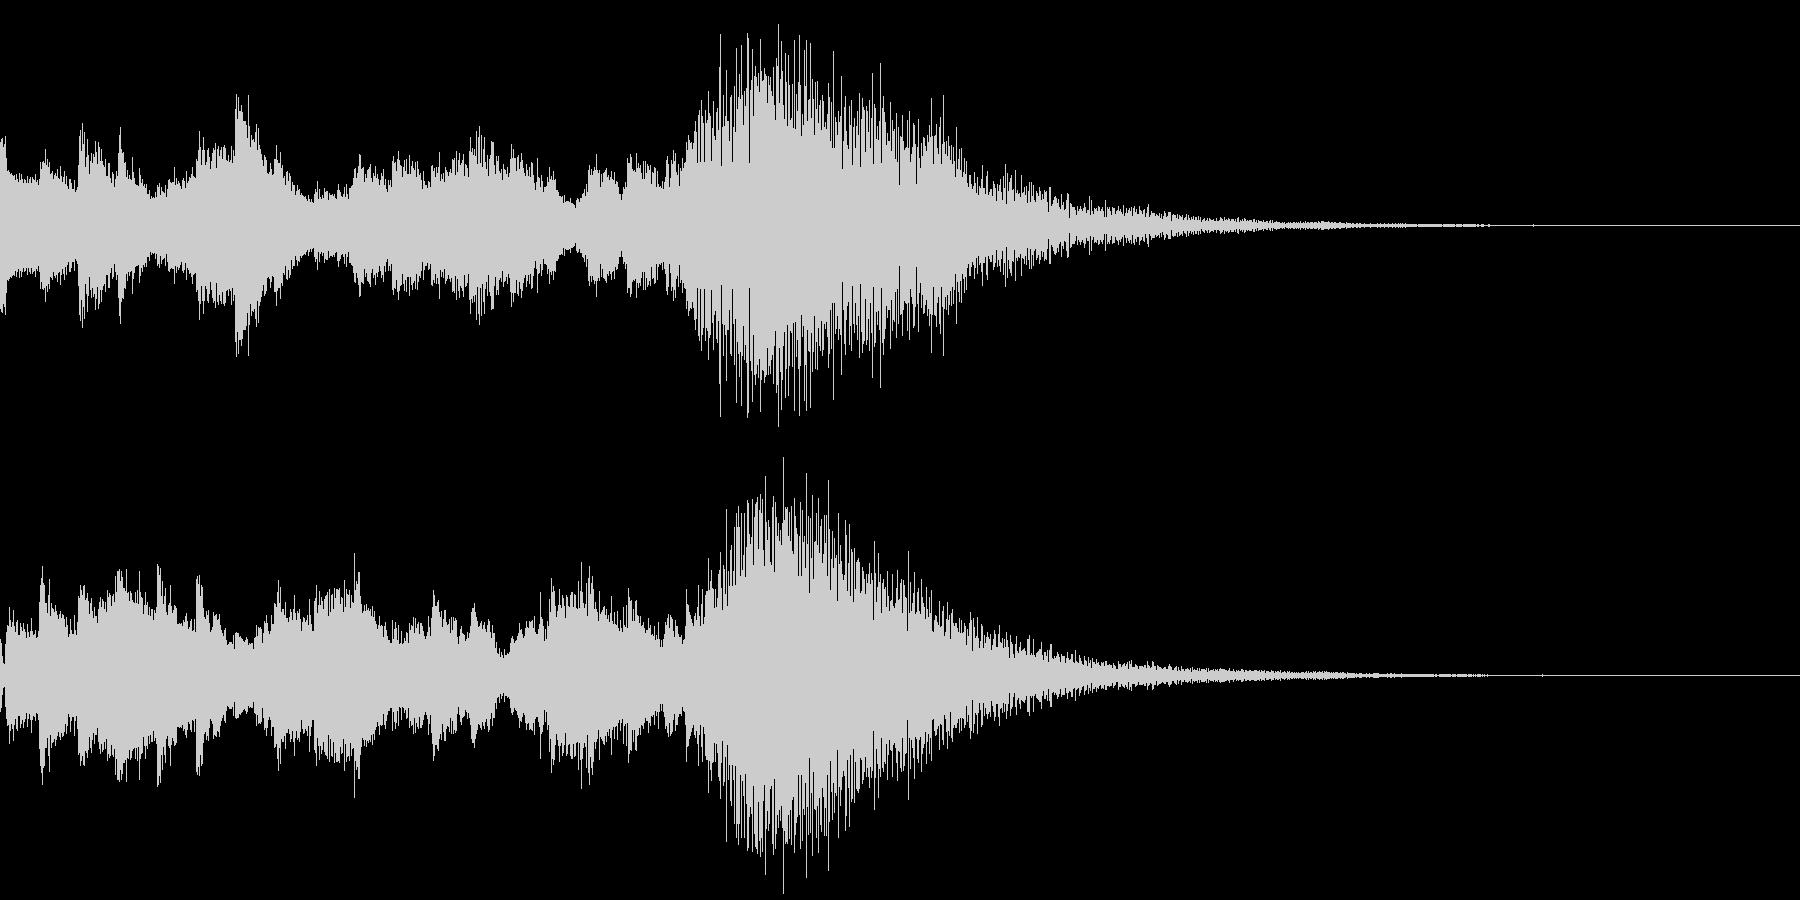 効果音 キラキラ 魔法 2の未再生の波形